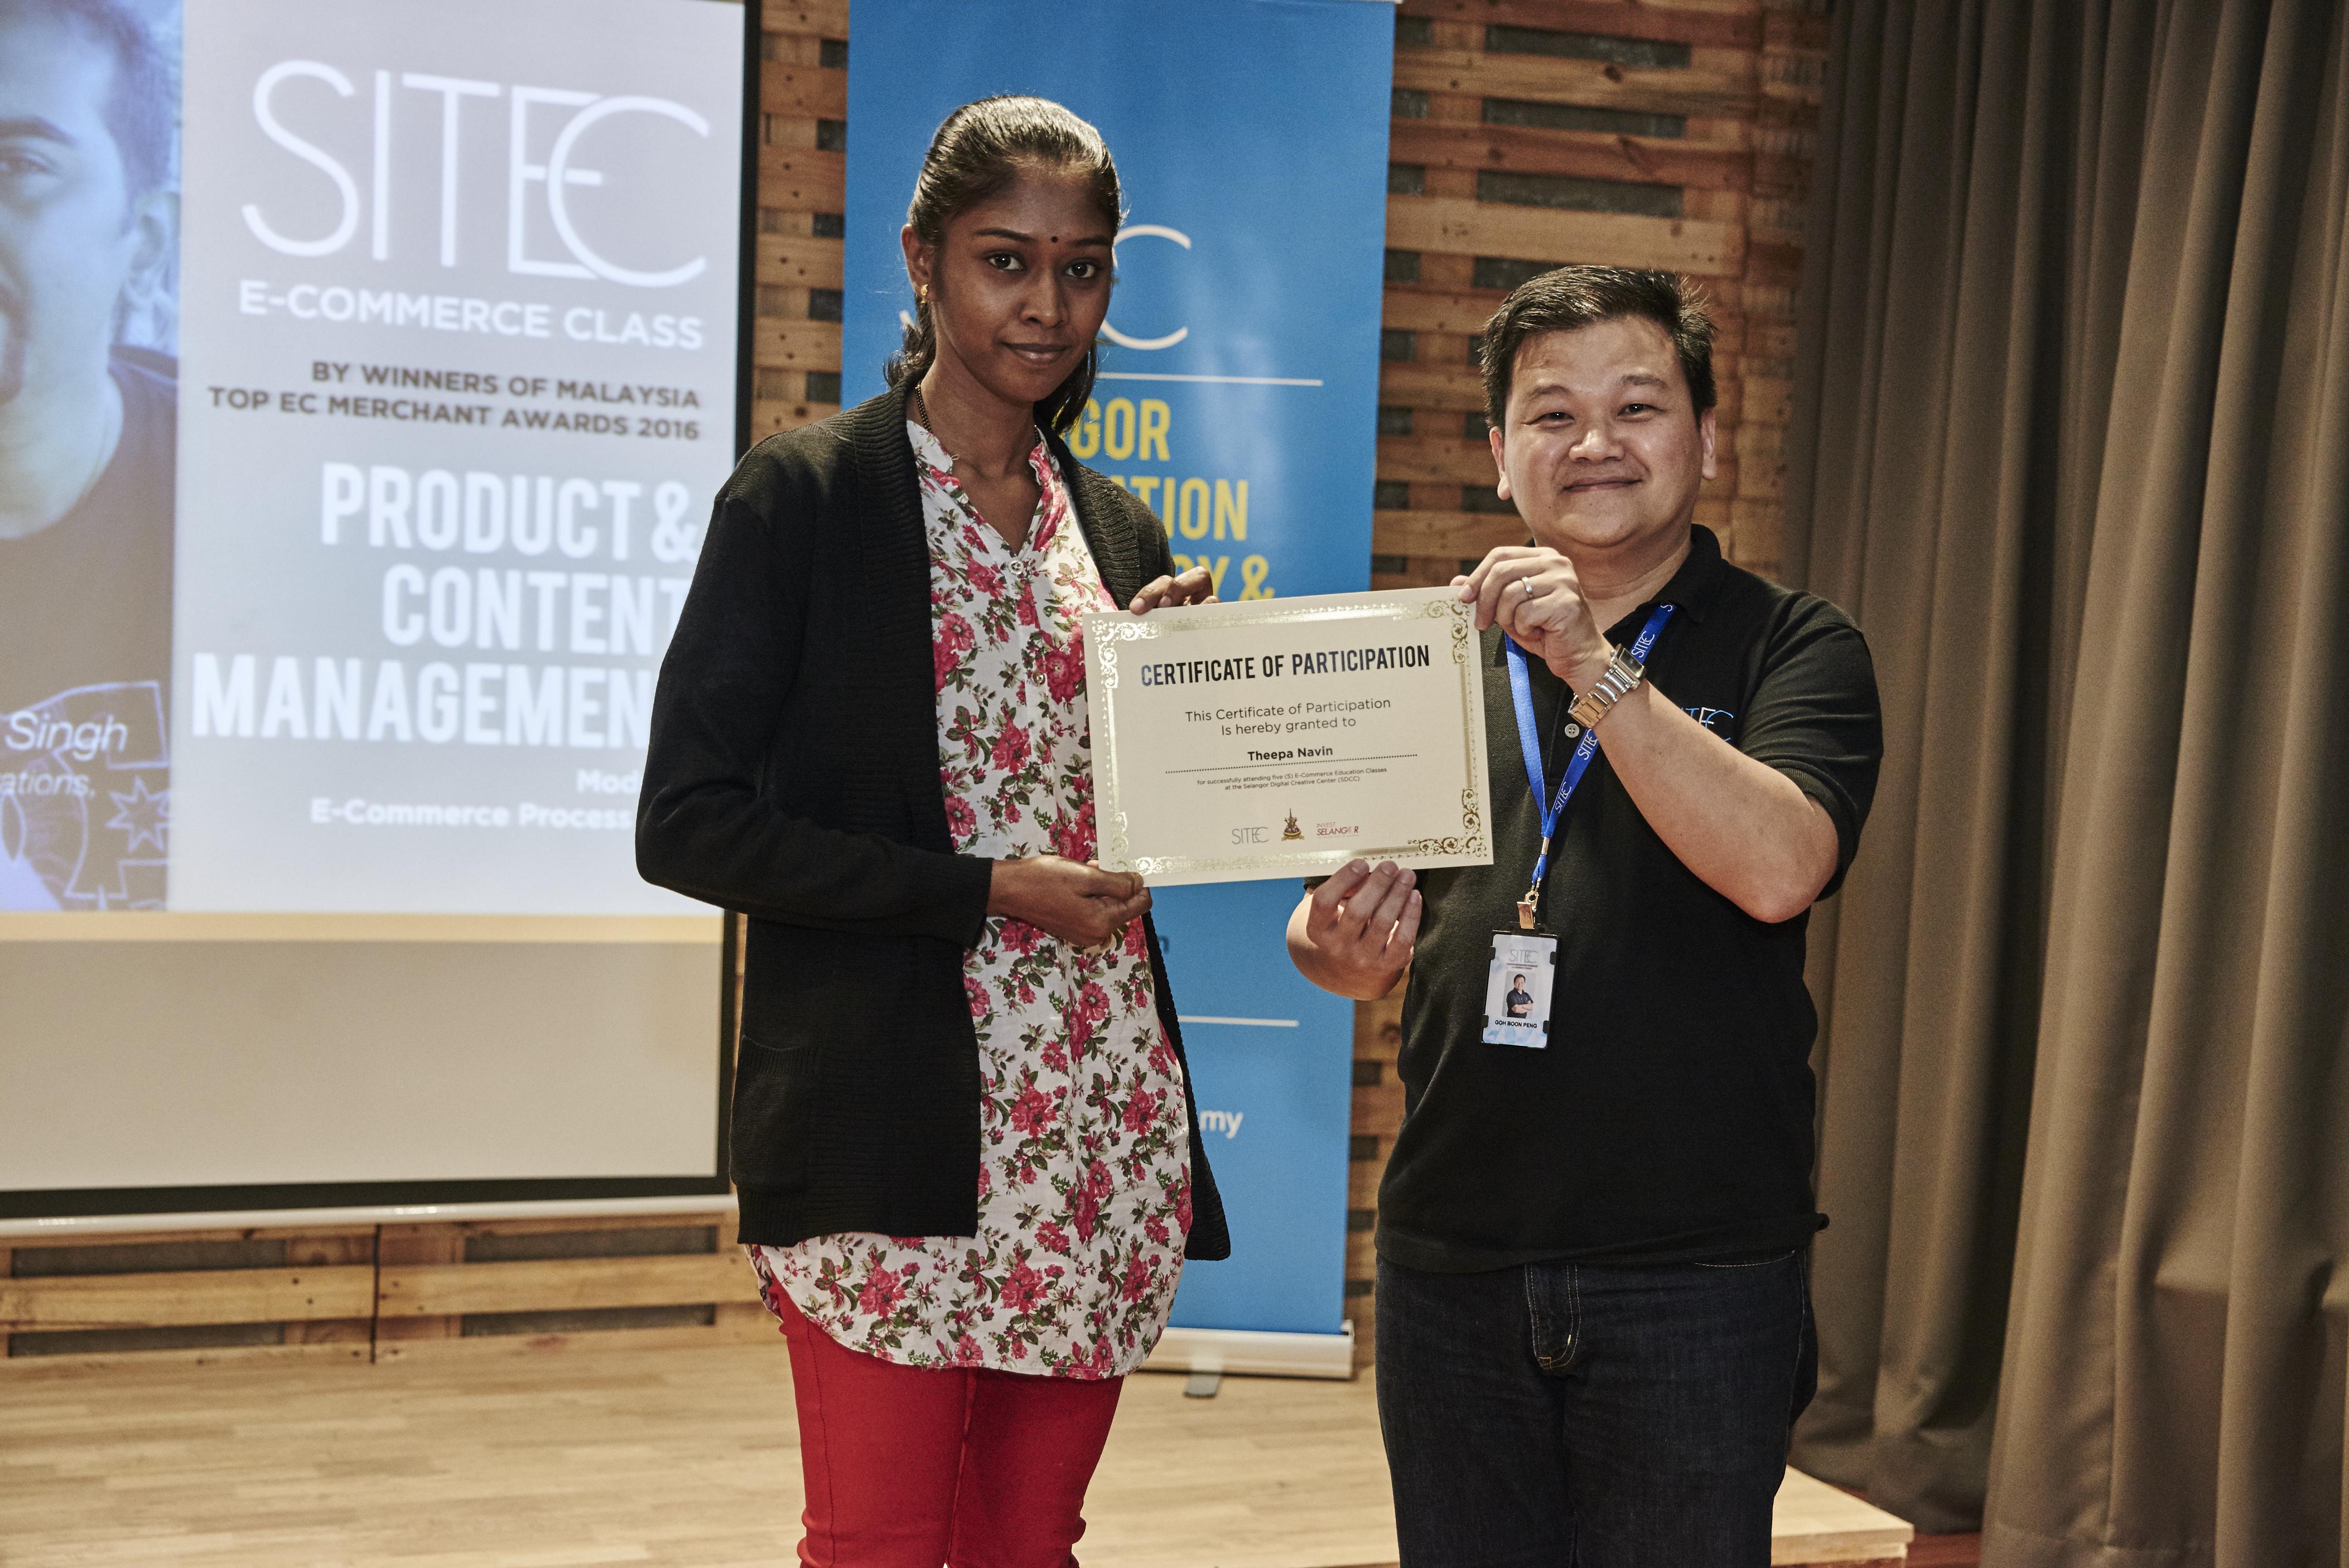 Theepa Navin receiving a Certificate of Attendance from the EC Class Manager, Goh Boon Peng